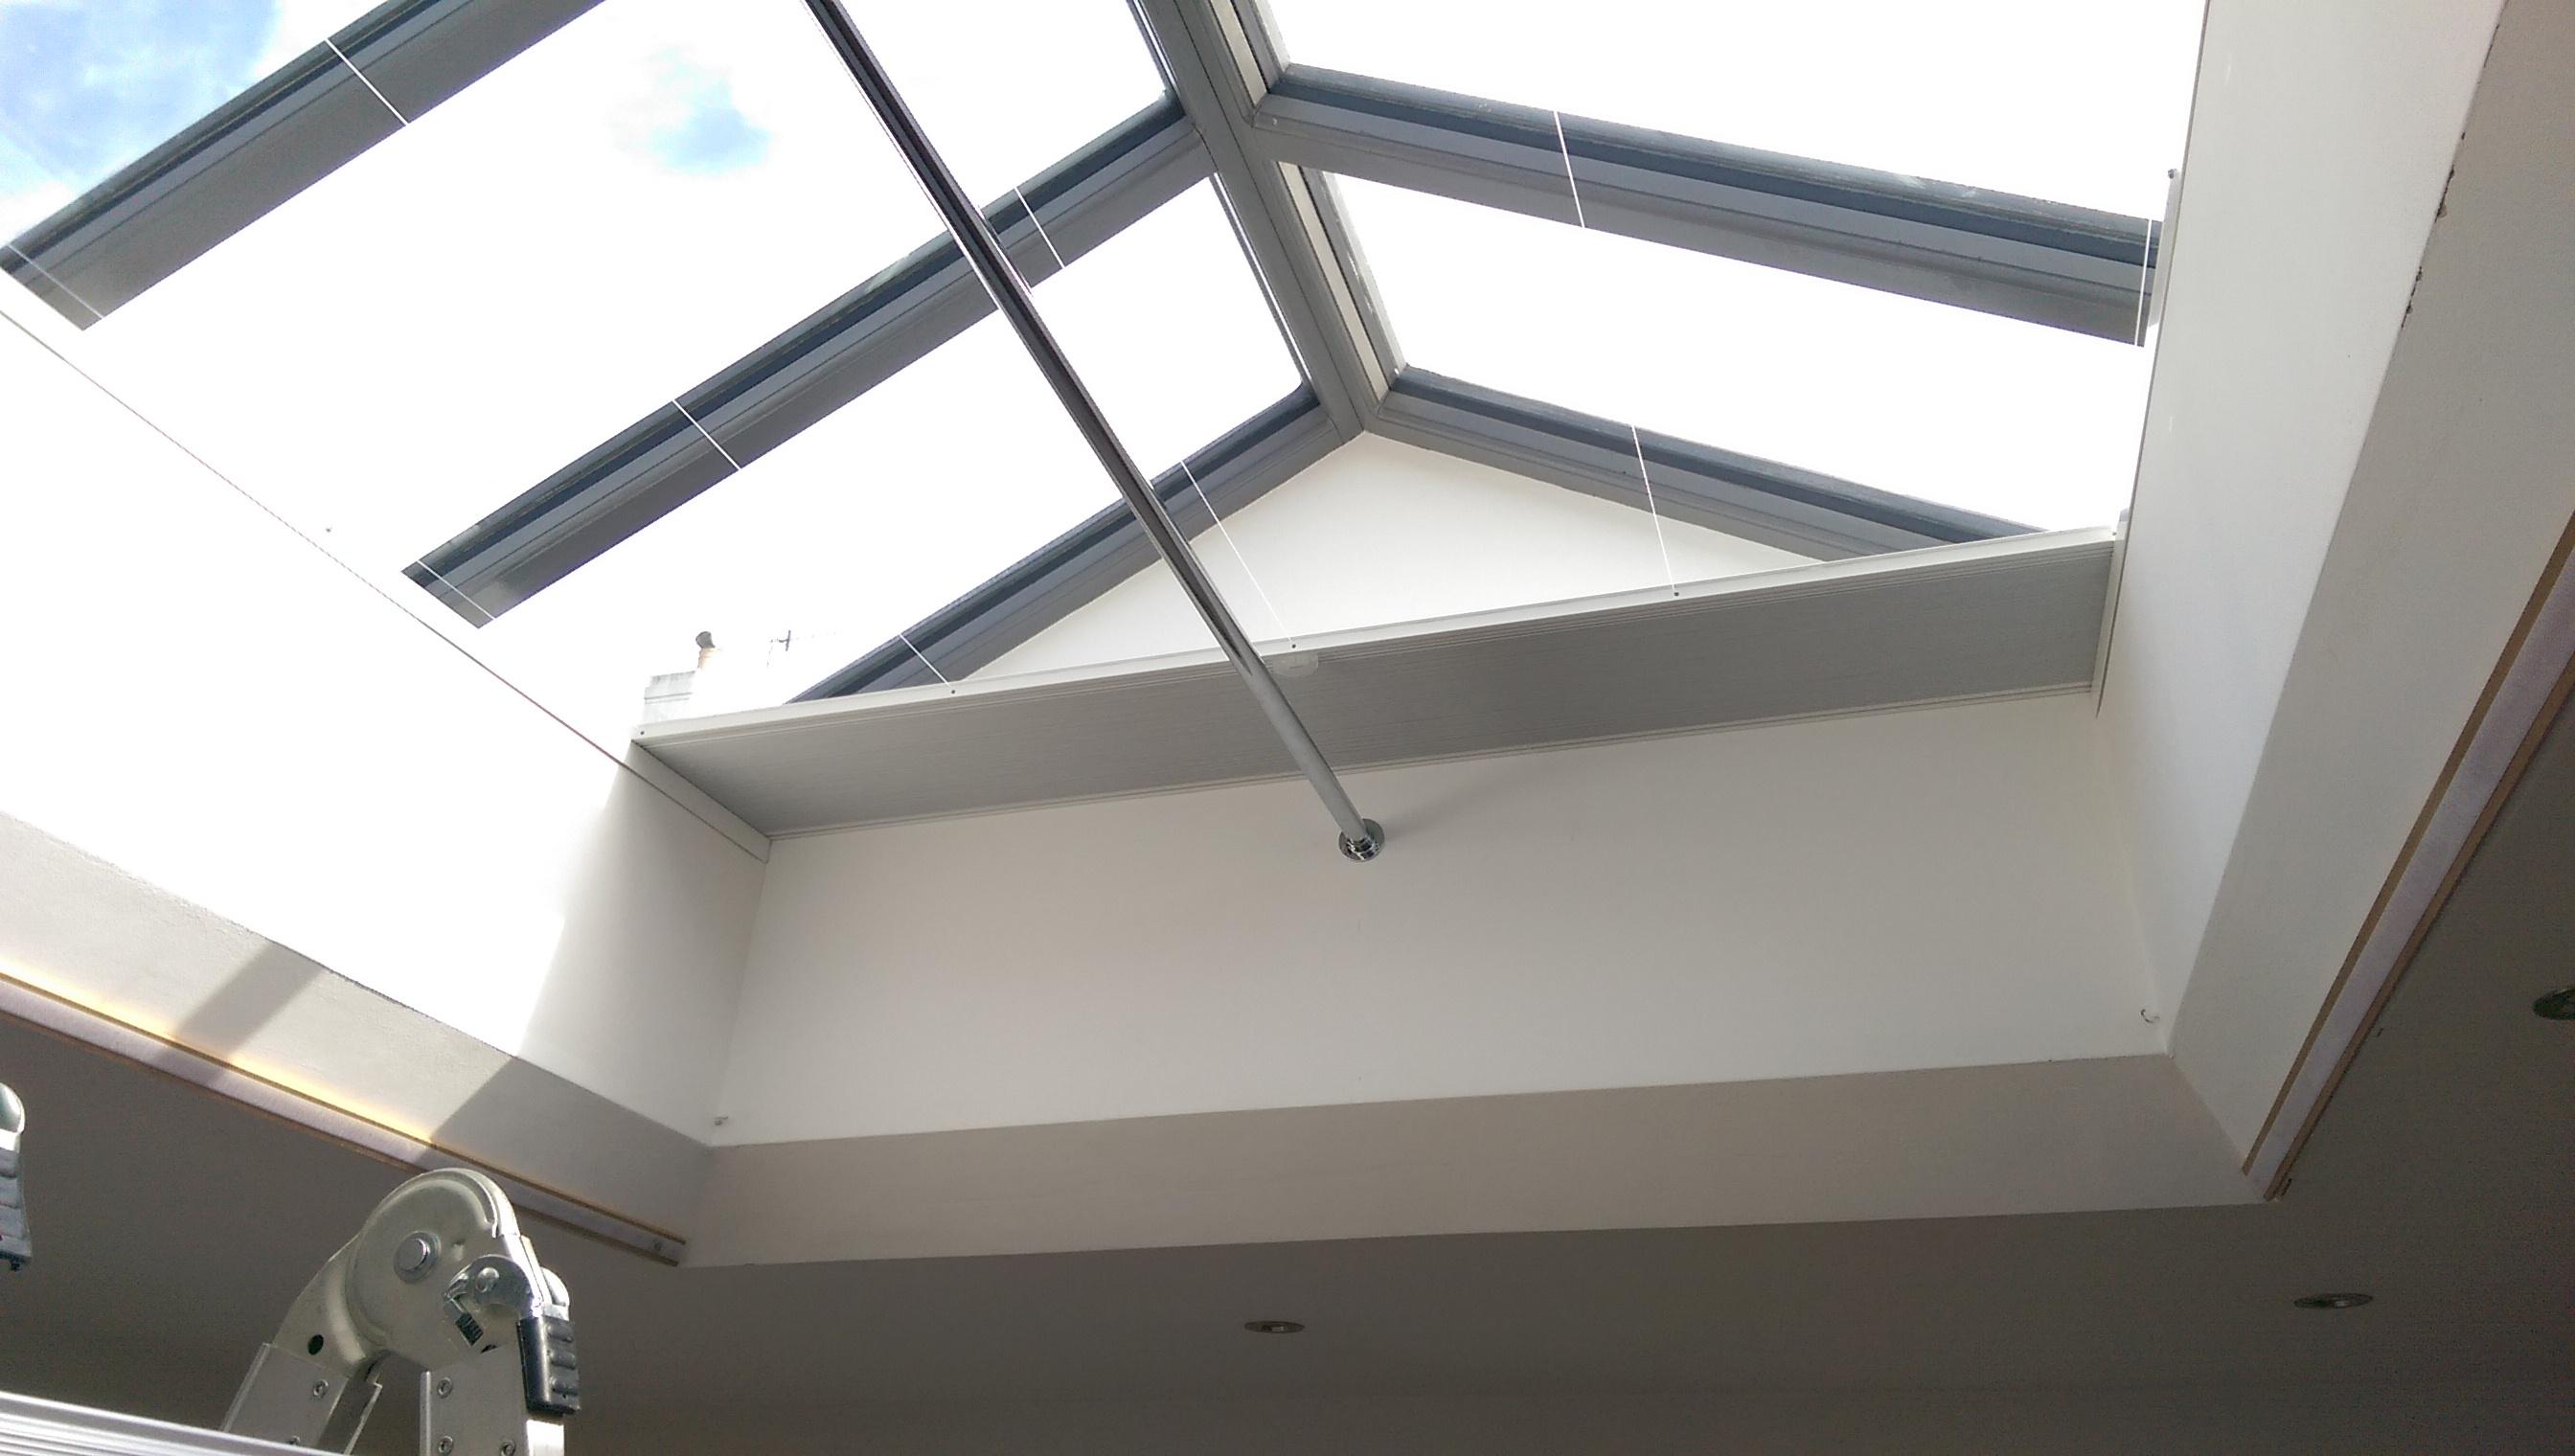 Duette skylight blind